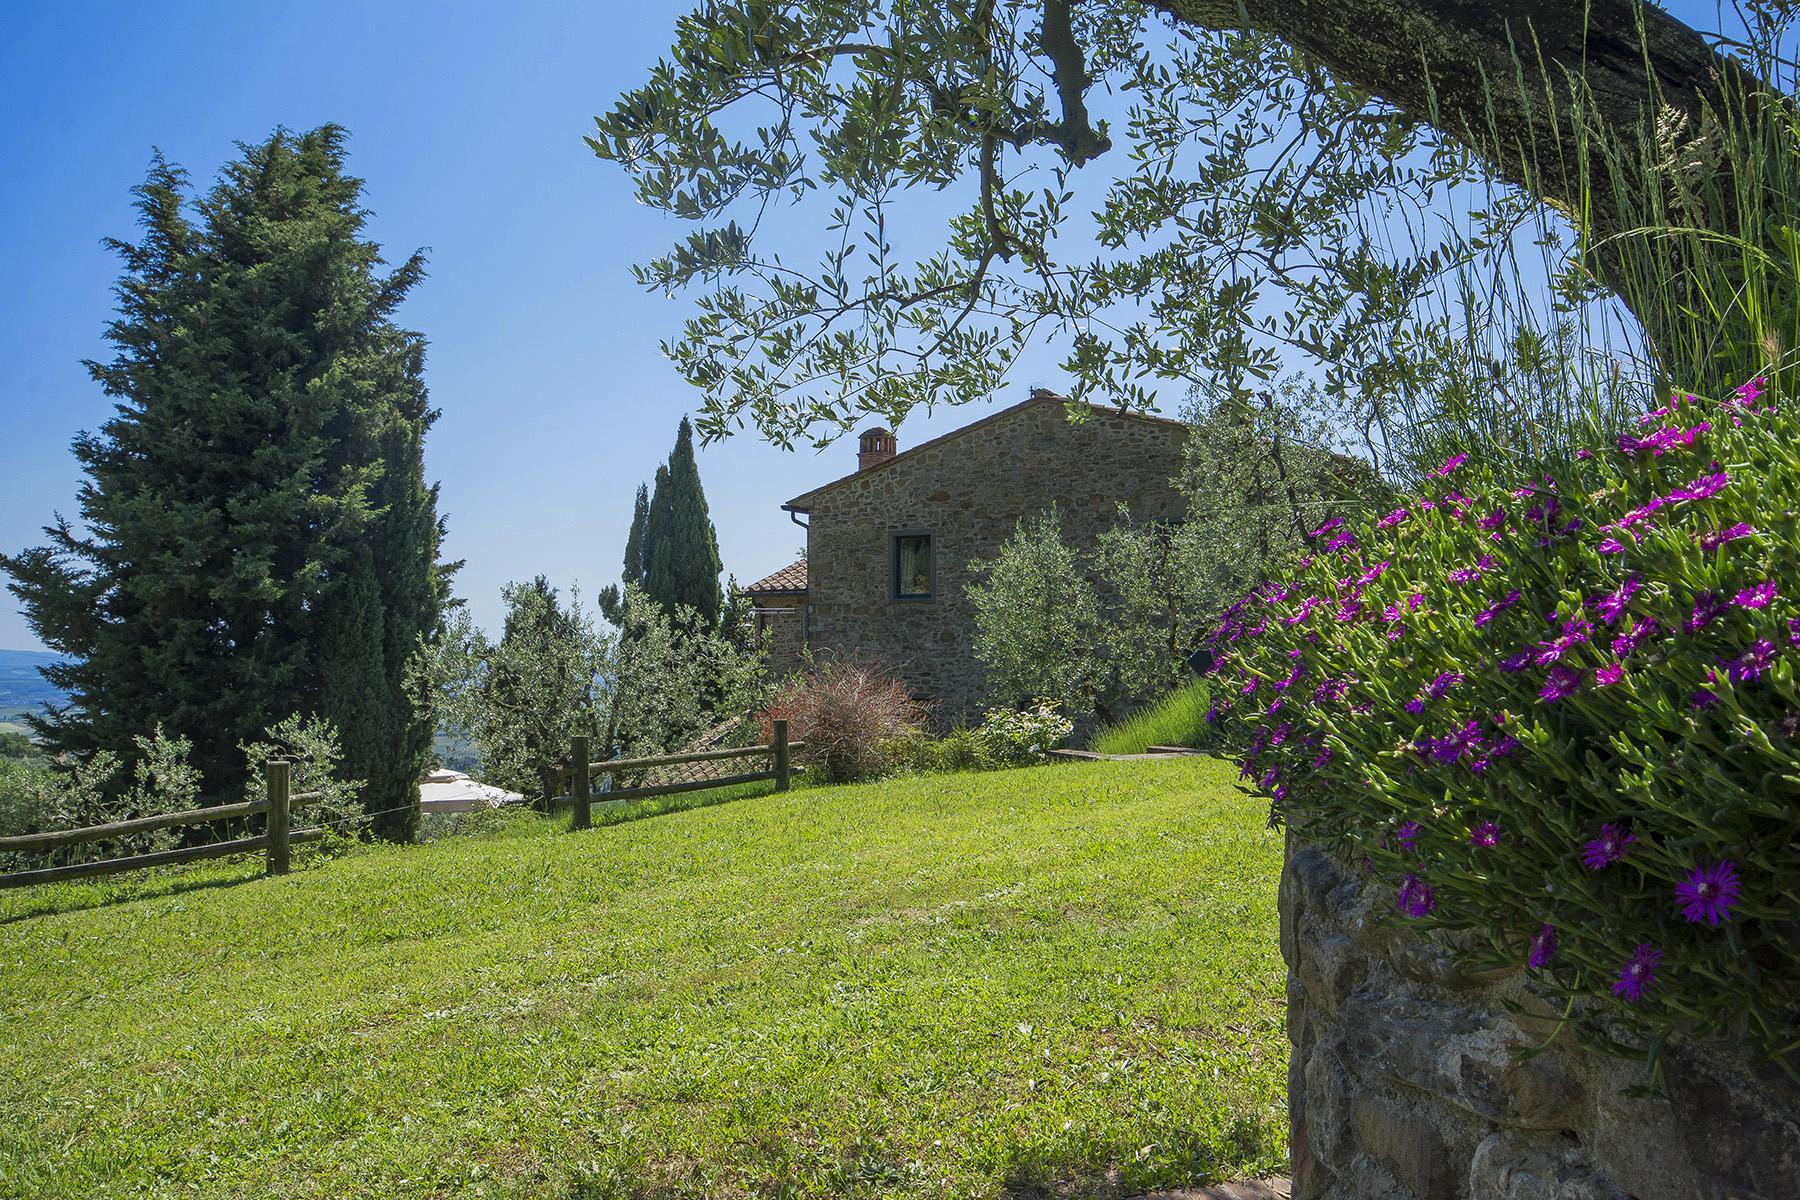 Rustico in Vendita a Vinci: 5 locali, 414 mq - Foto 25